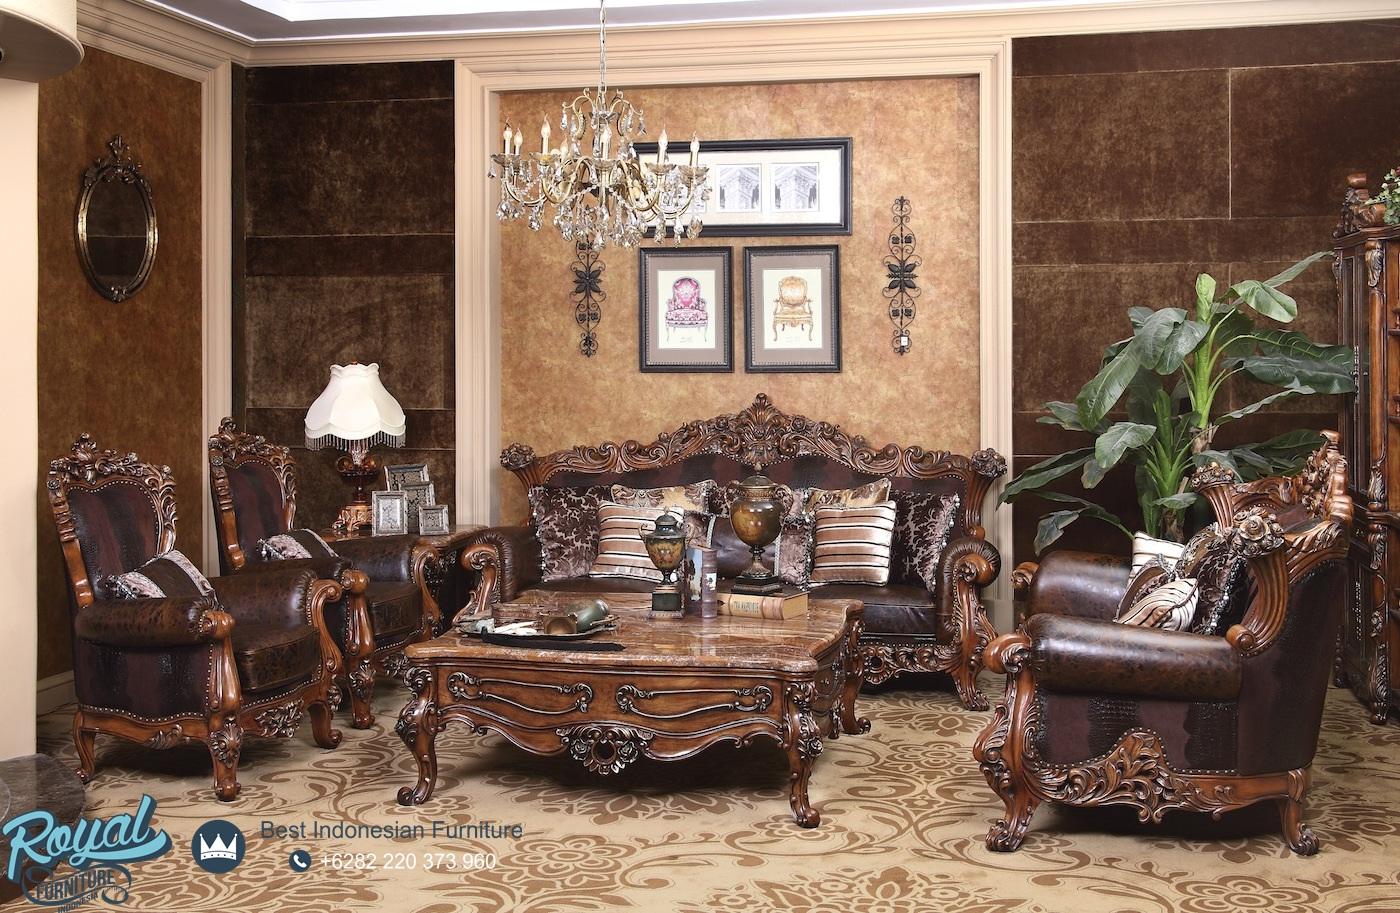 Set Kursi Sofa Tamu Klasik Mewah Terbaru Kayu Jati Ukir Jepara Eropa, kursi sofa tamu mewah, sofa jati jepara, furniture mebel jati jepara, kursi tamu, kursi tamu mewah, set sofa tamu mewah, set sofa tamu klasik, model sofa tamu mewah terbaru, desain sofa tamu kayu jati klasik jepara, sofa tamu ukir jati jepara, harga sofa tamu ukiran murah, sofa tamu jepara terbaru, sofa ruang tamu klasik, sofa mewah terbaru jepara, sofa mewah kulit jati jepara, model sofa mewah dan elegan, sofa mewah klasik, sofa ruang tamu modern, kursi sofa tamu klasik jepara, jual sofa tamu jati jepara ukir klasik, furniture jepara, mebel jepara, pusat furniture jepara, furniture jepara store, royal furniture, royal furniture jepara, royal furniture indonesia